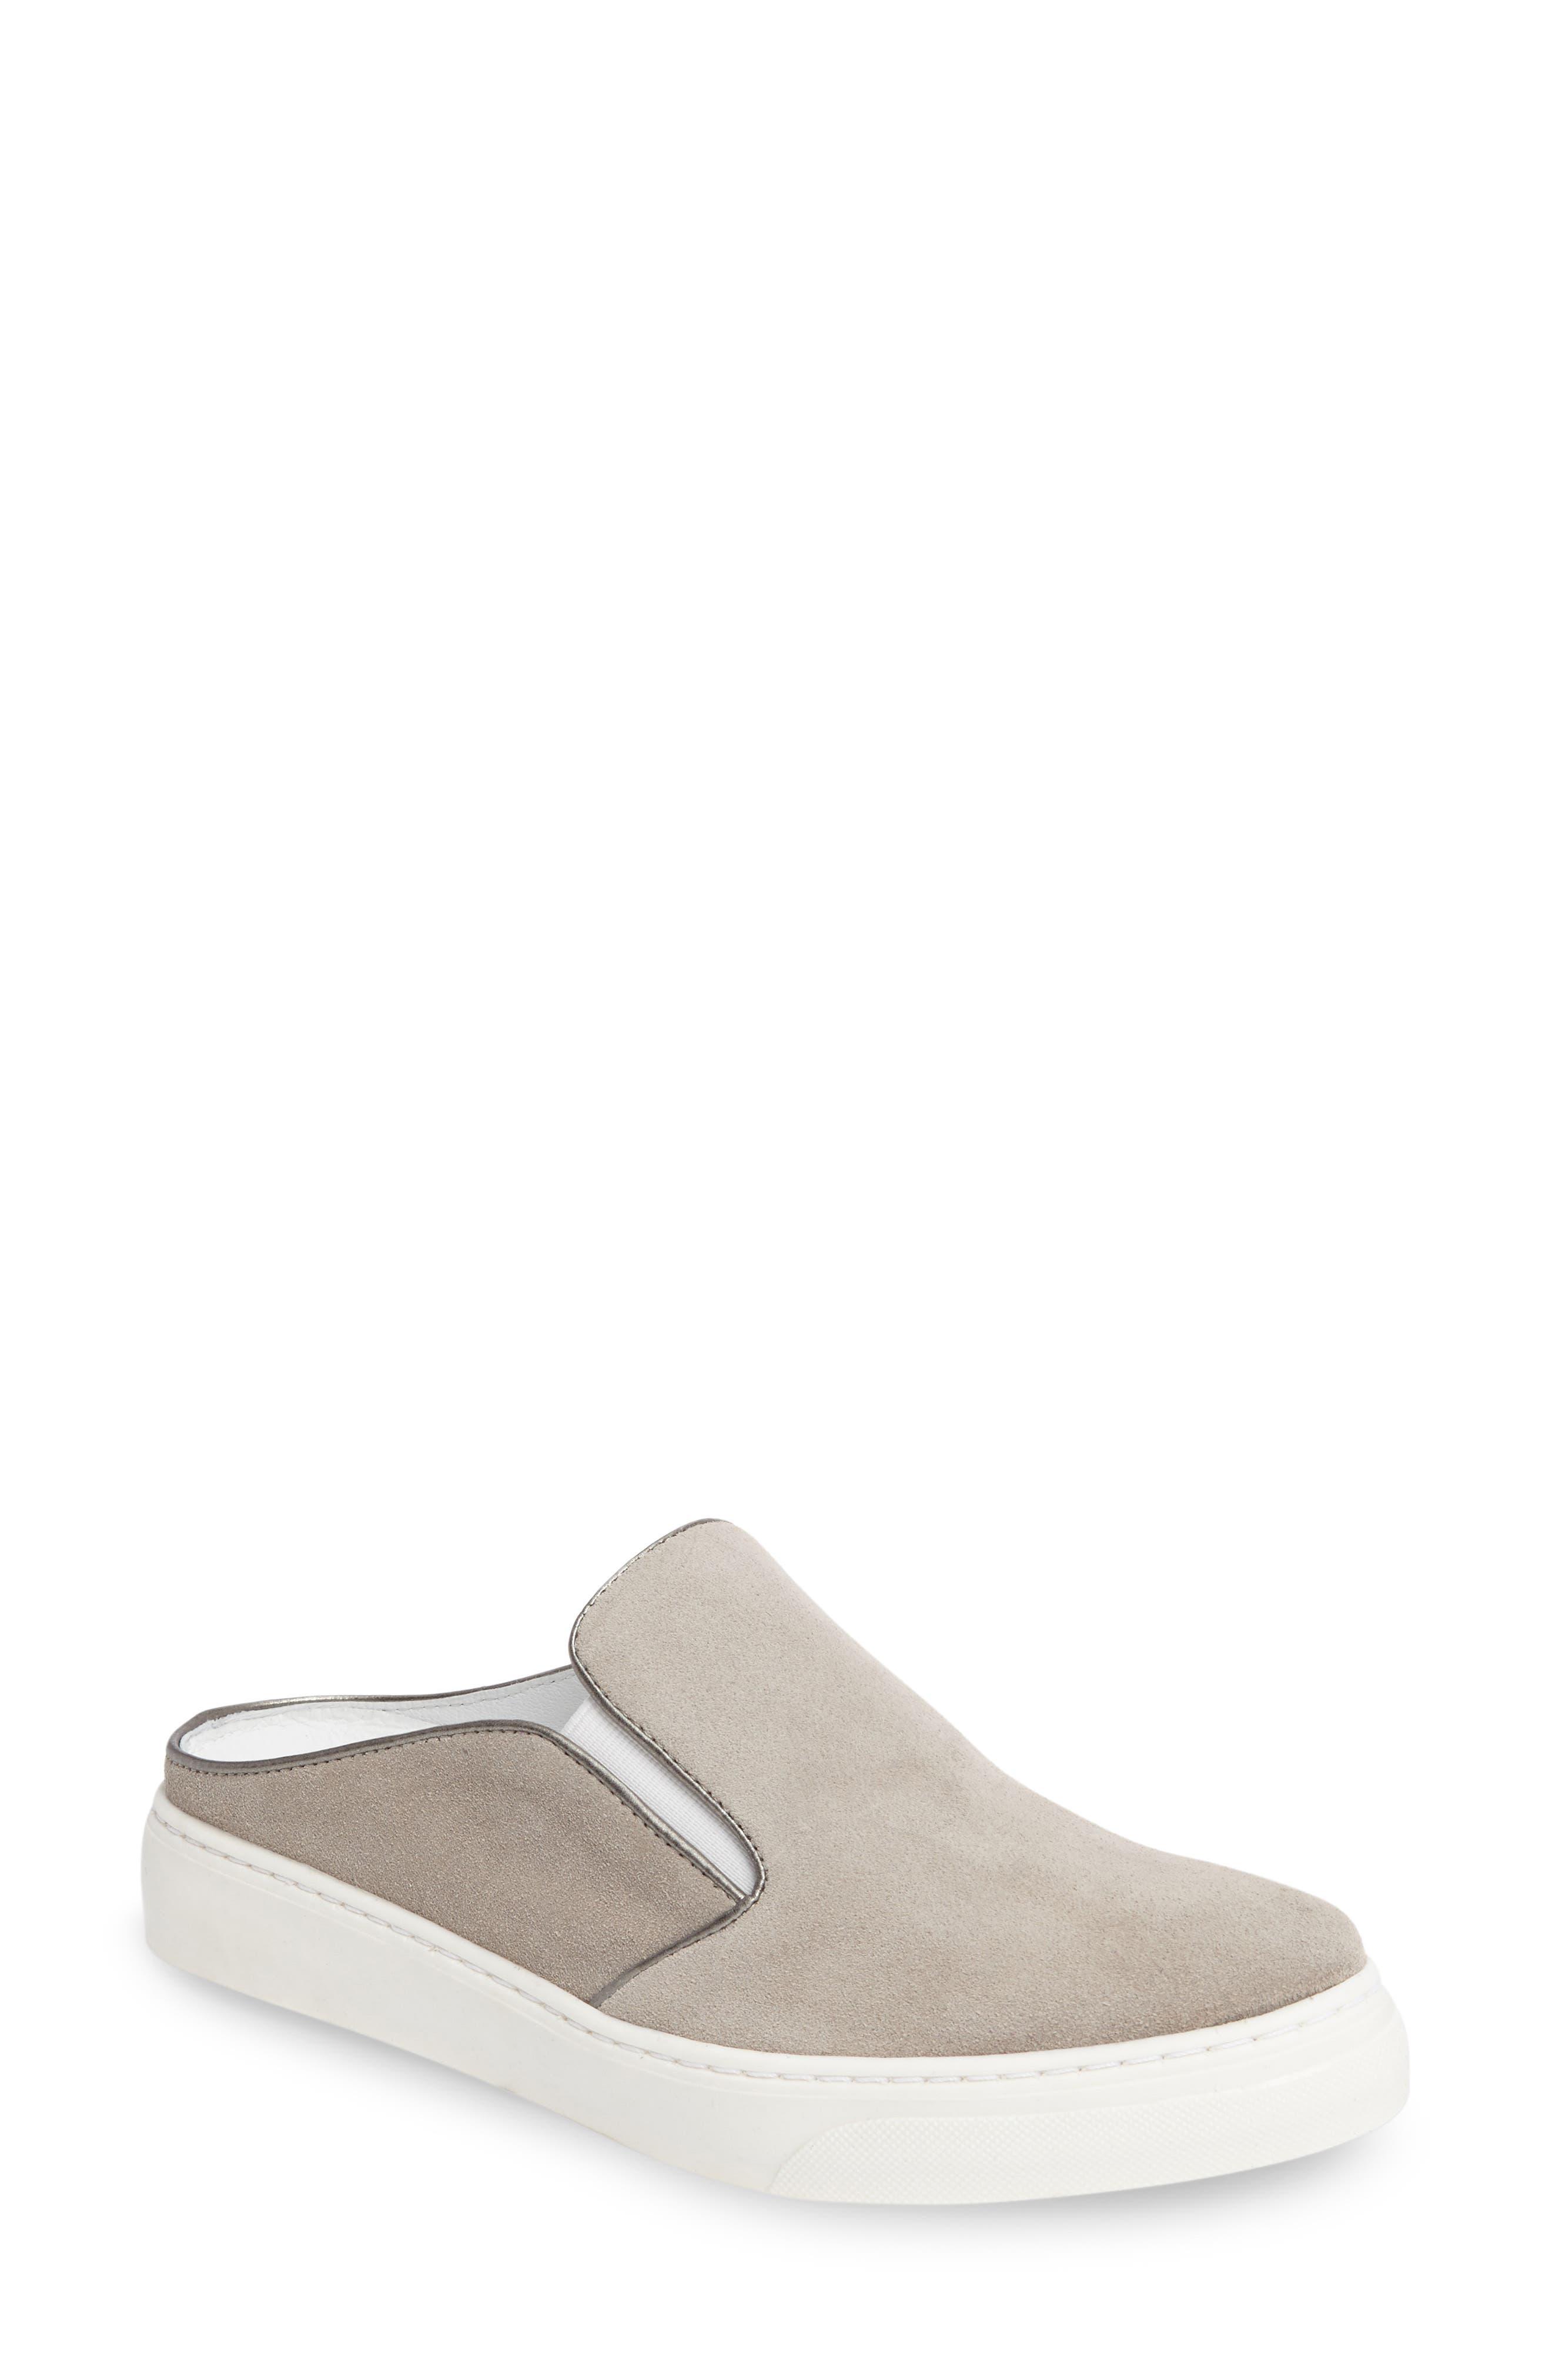 Alternate Image 1 Selected - Rudsak Balbina Slide Sneaker (Women)